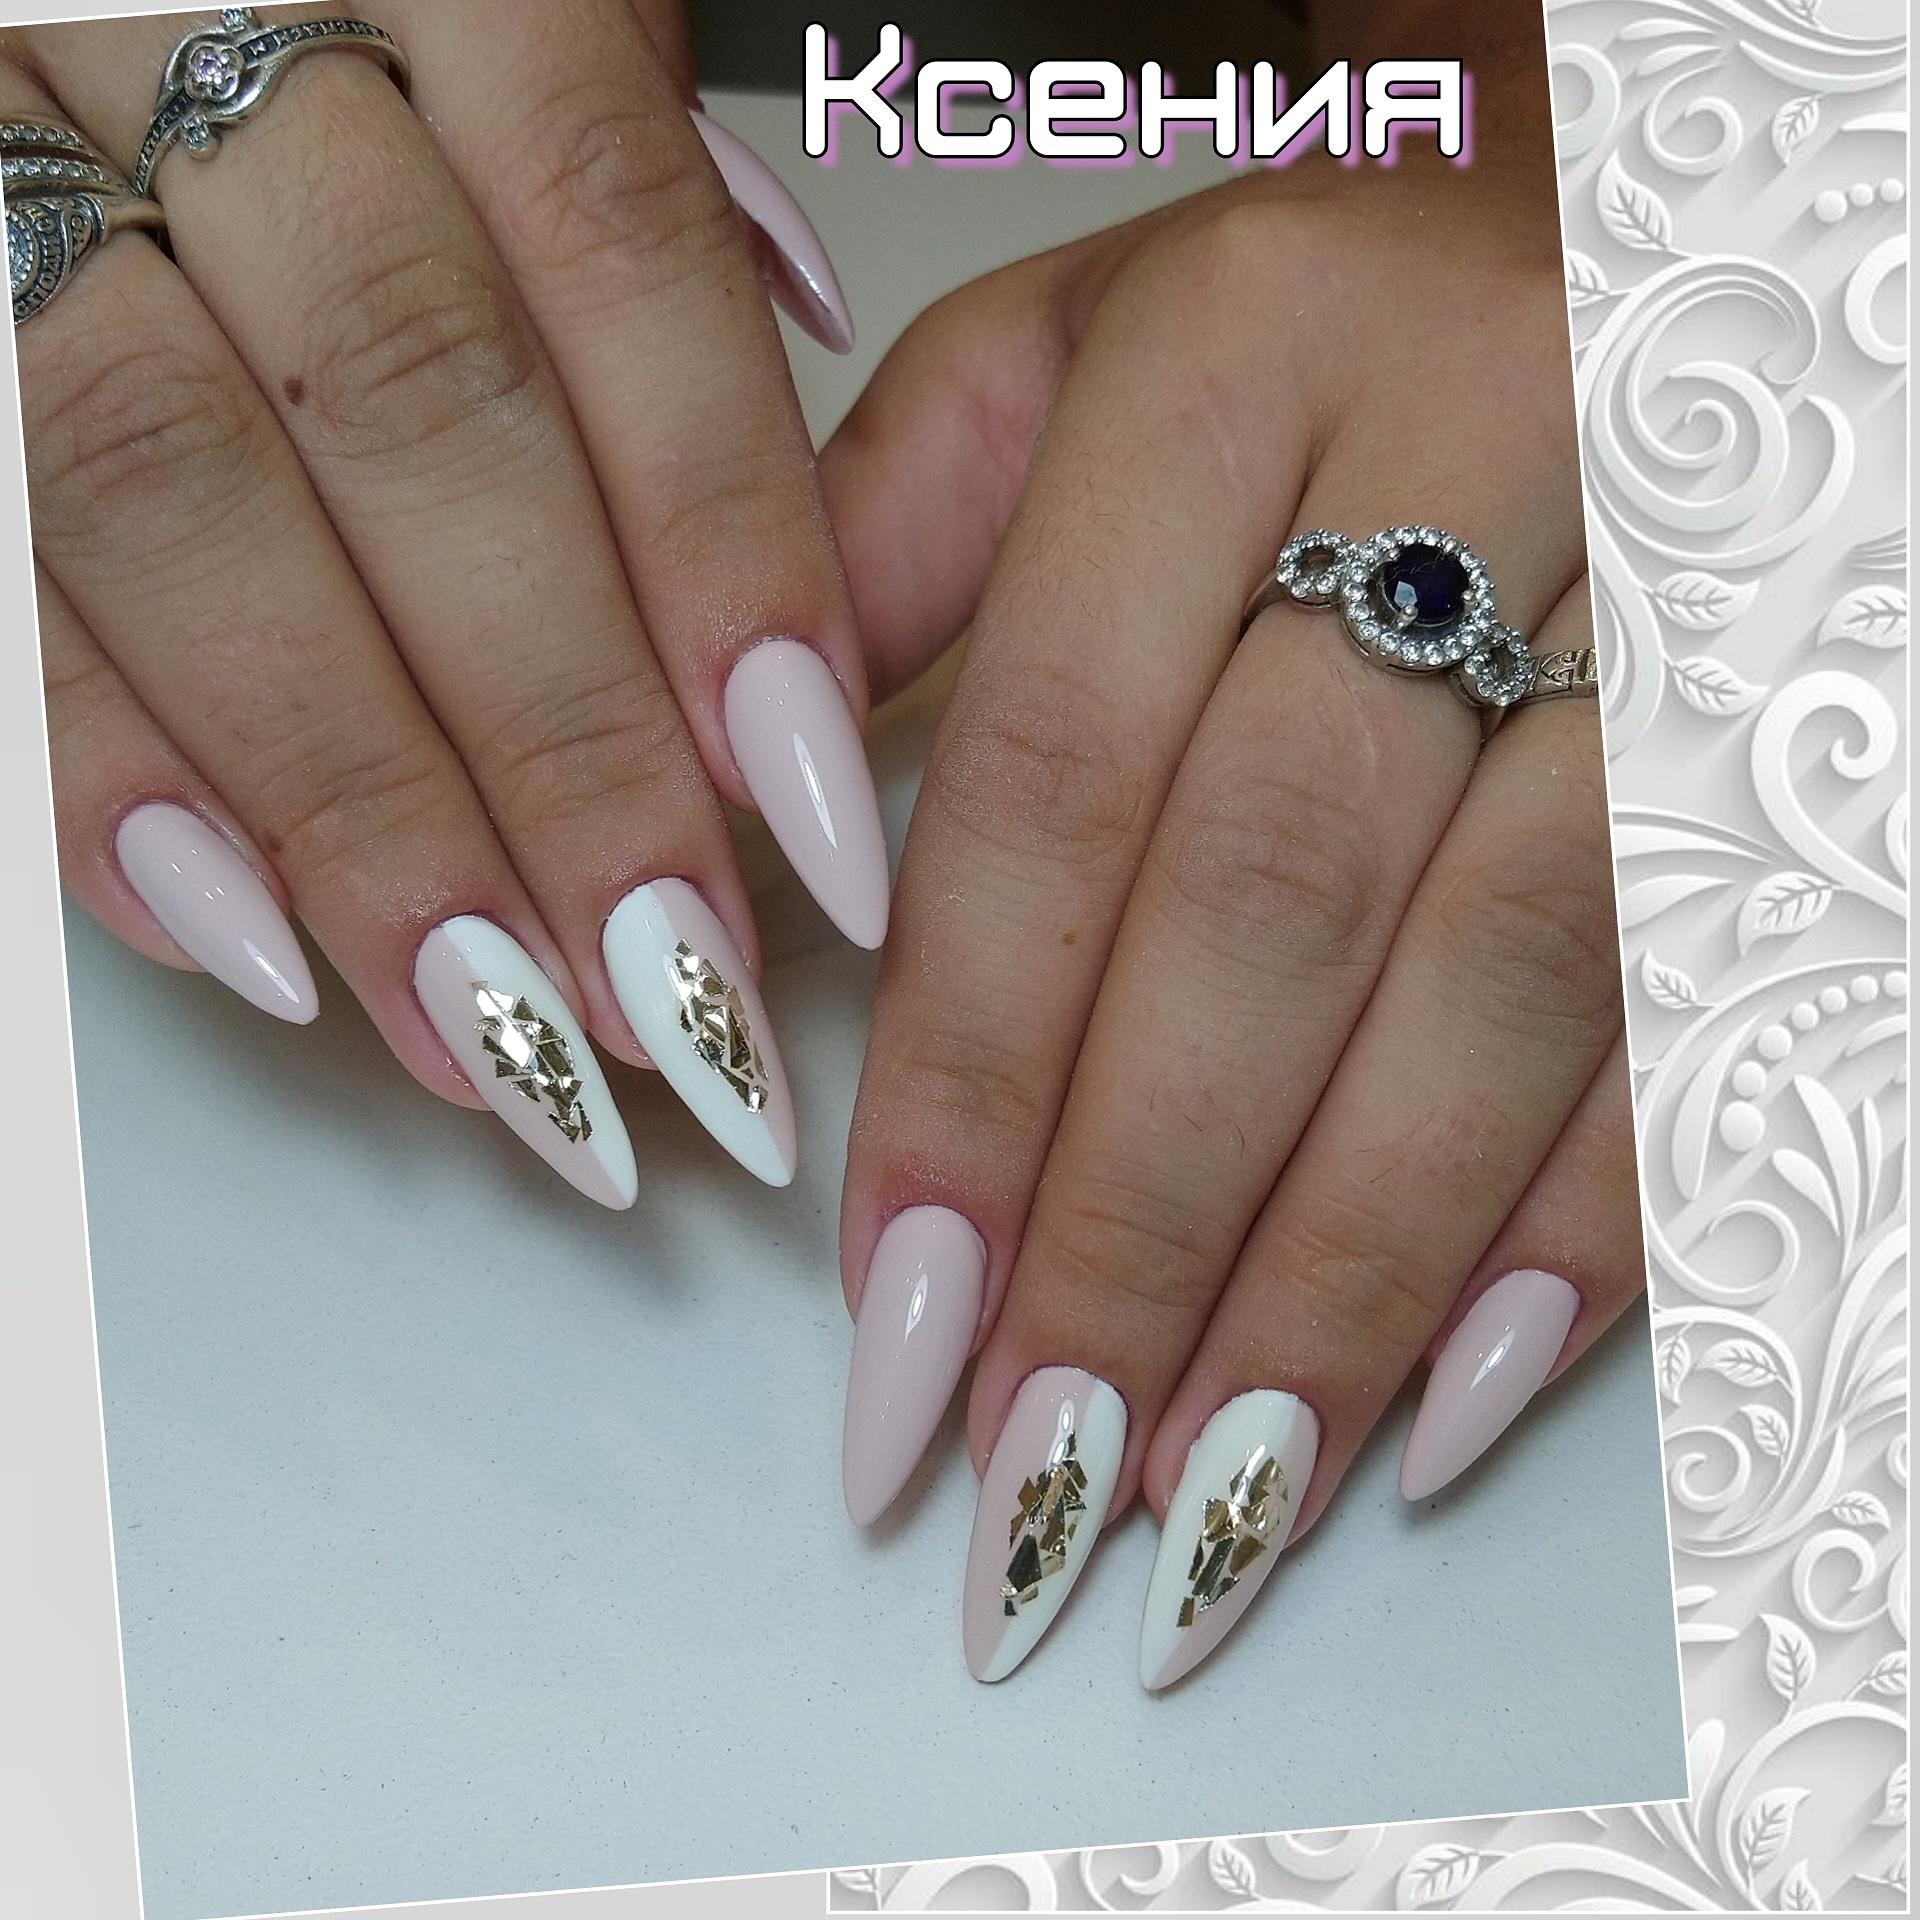 Марикюр с дизайном битое стекло в пастельных тонах на длинные ногти.